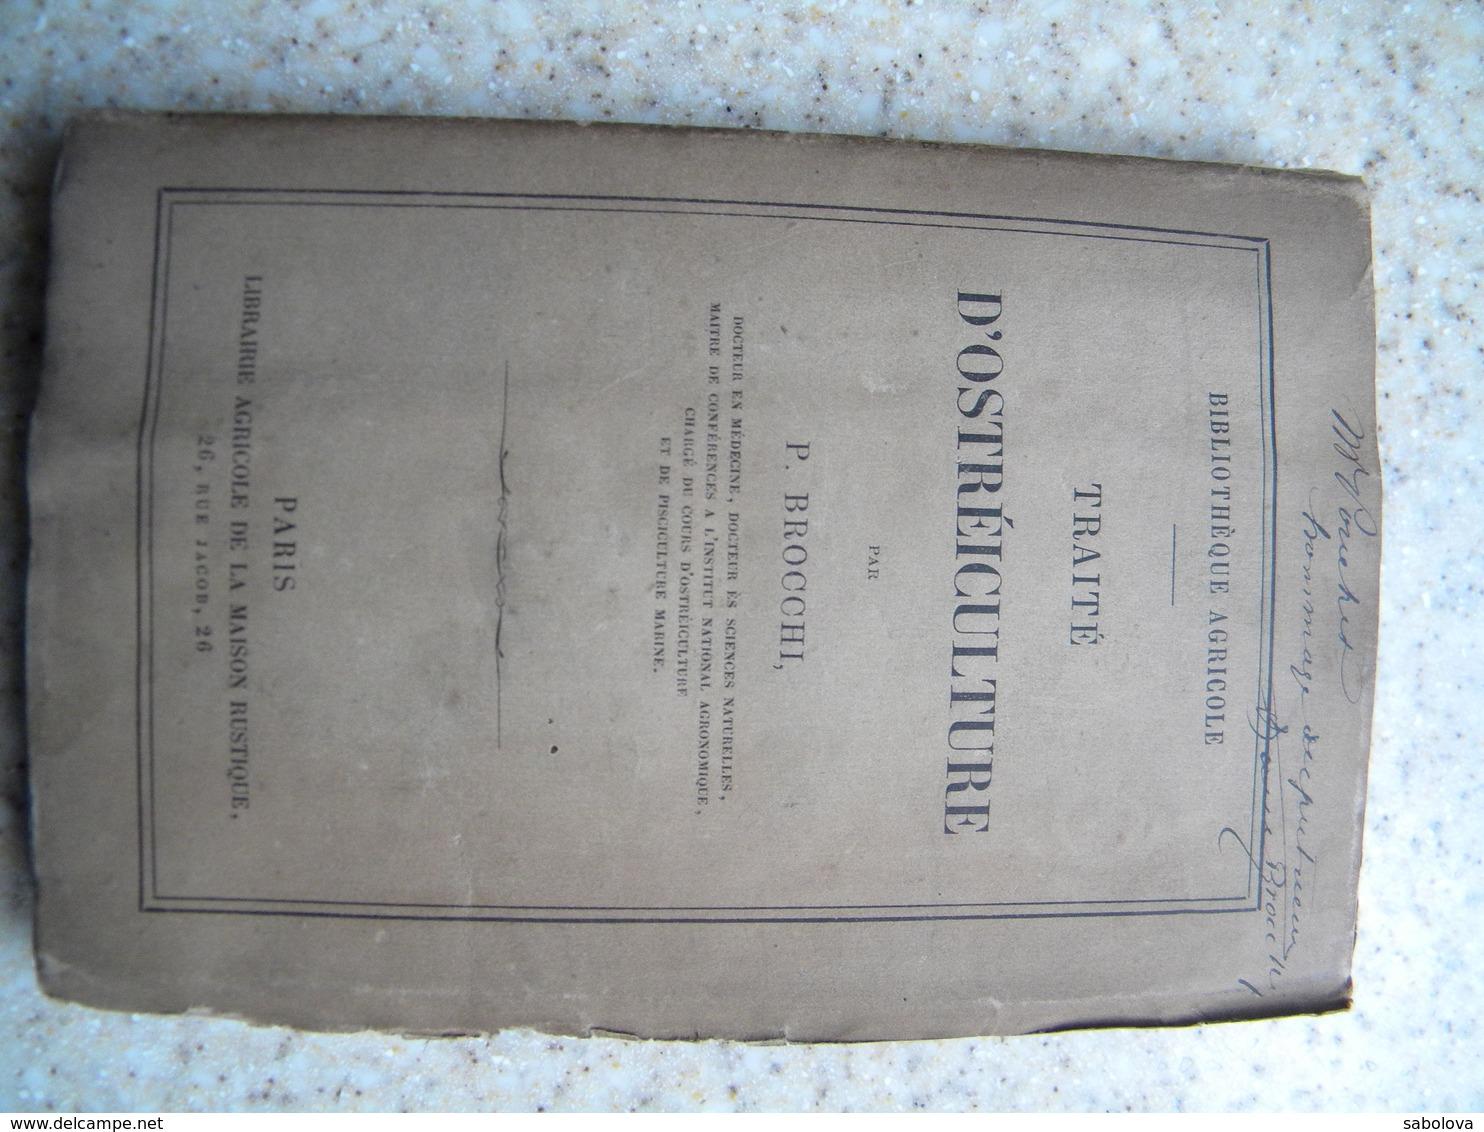 Traité D'ostréiculture R BROCCHI 1883 Avec Dédicace De L'auteur 299 Pages Huitres Cherbourg Grand Camp Granville - Libri, Riviste, Fumetti